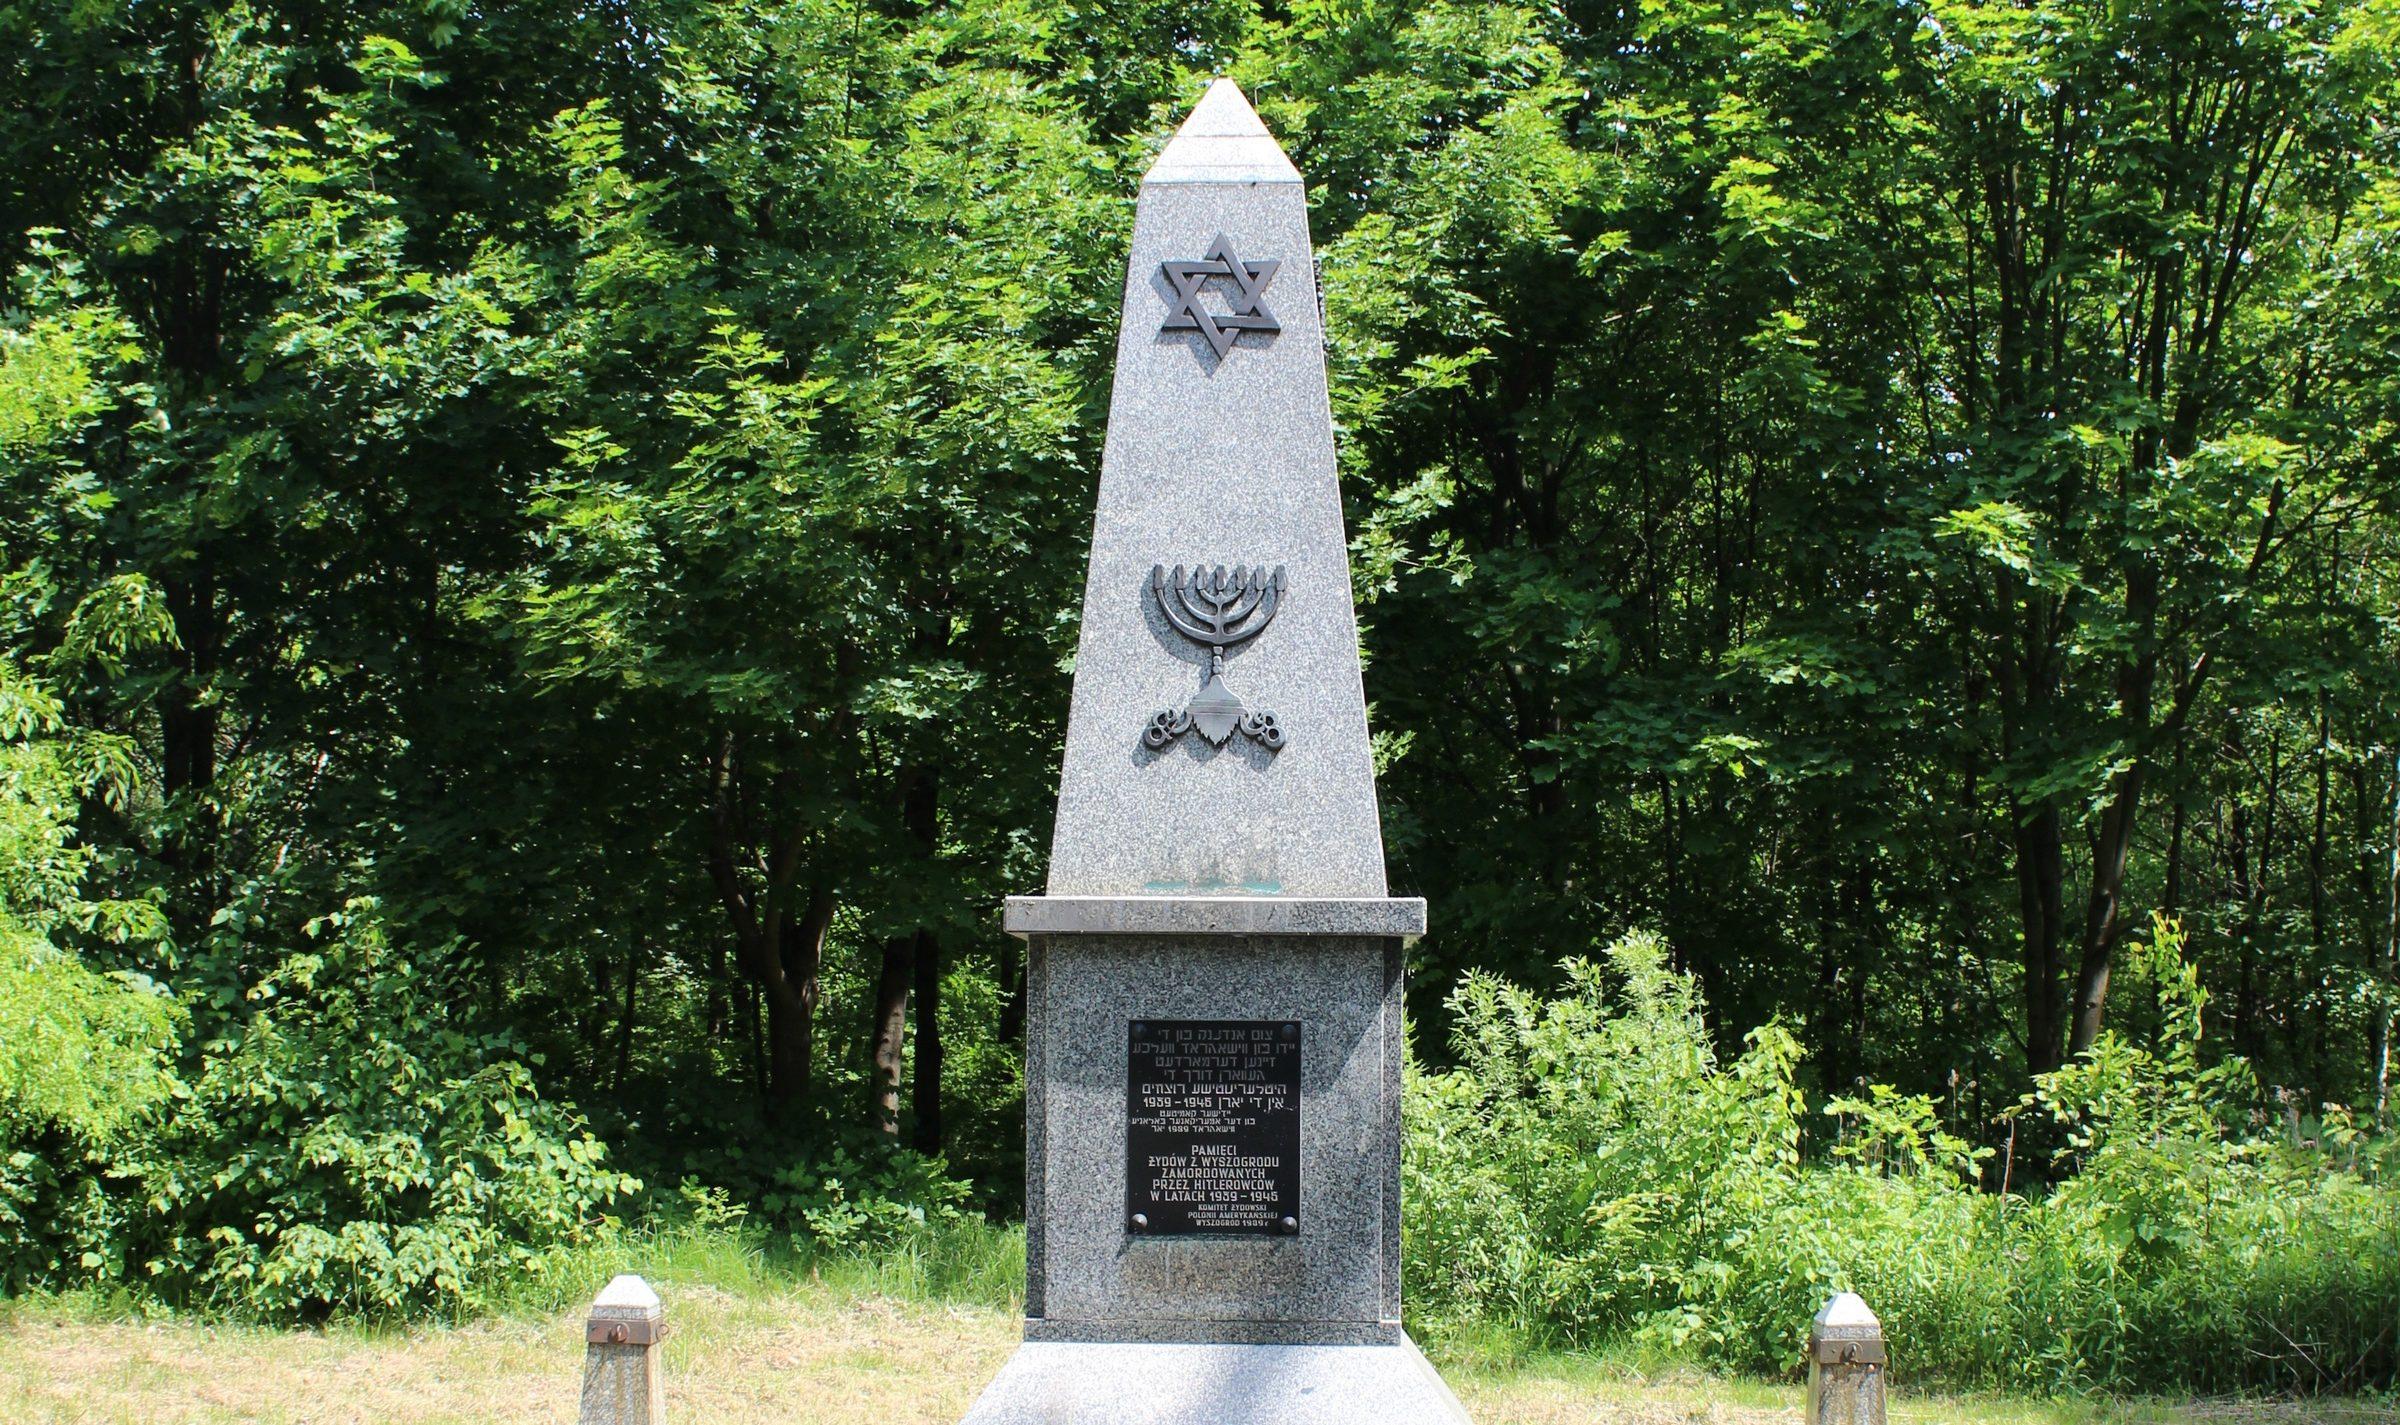 Pamięć o Żydach wyszogrodzkich